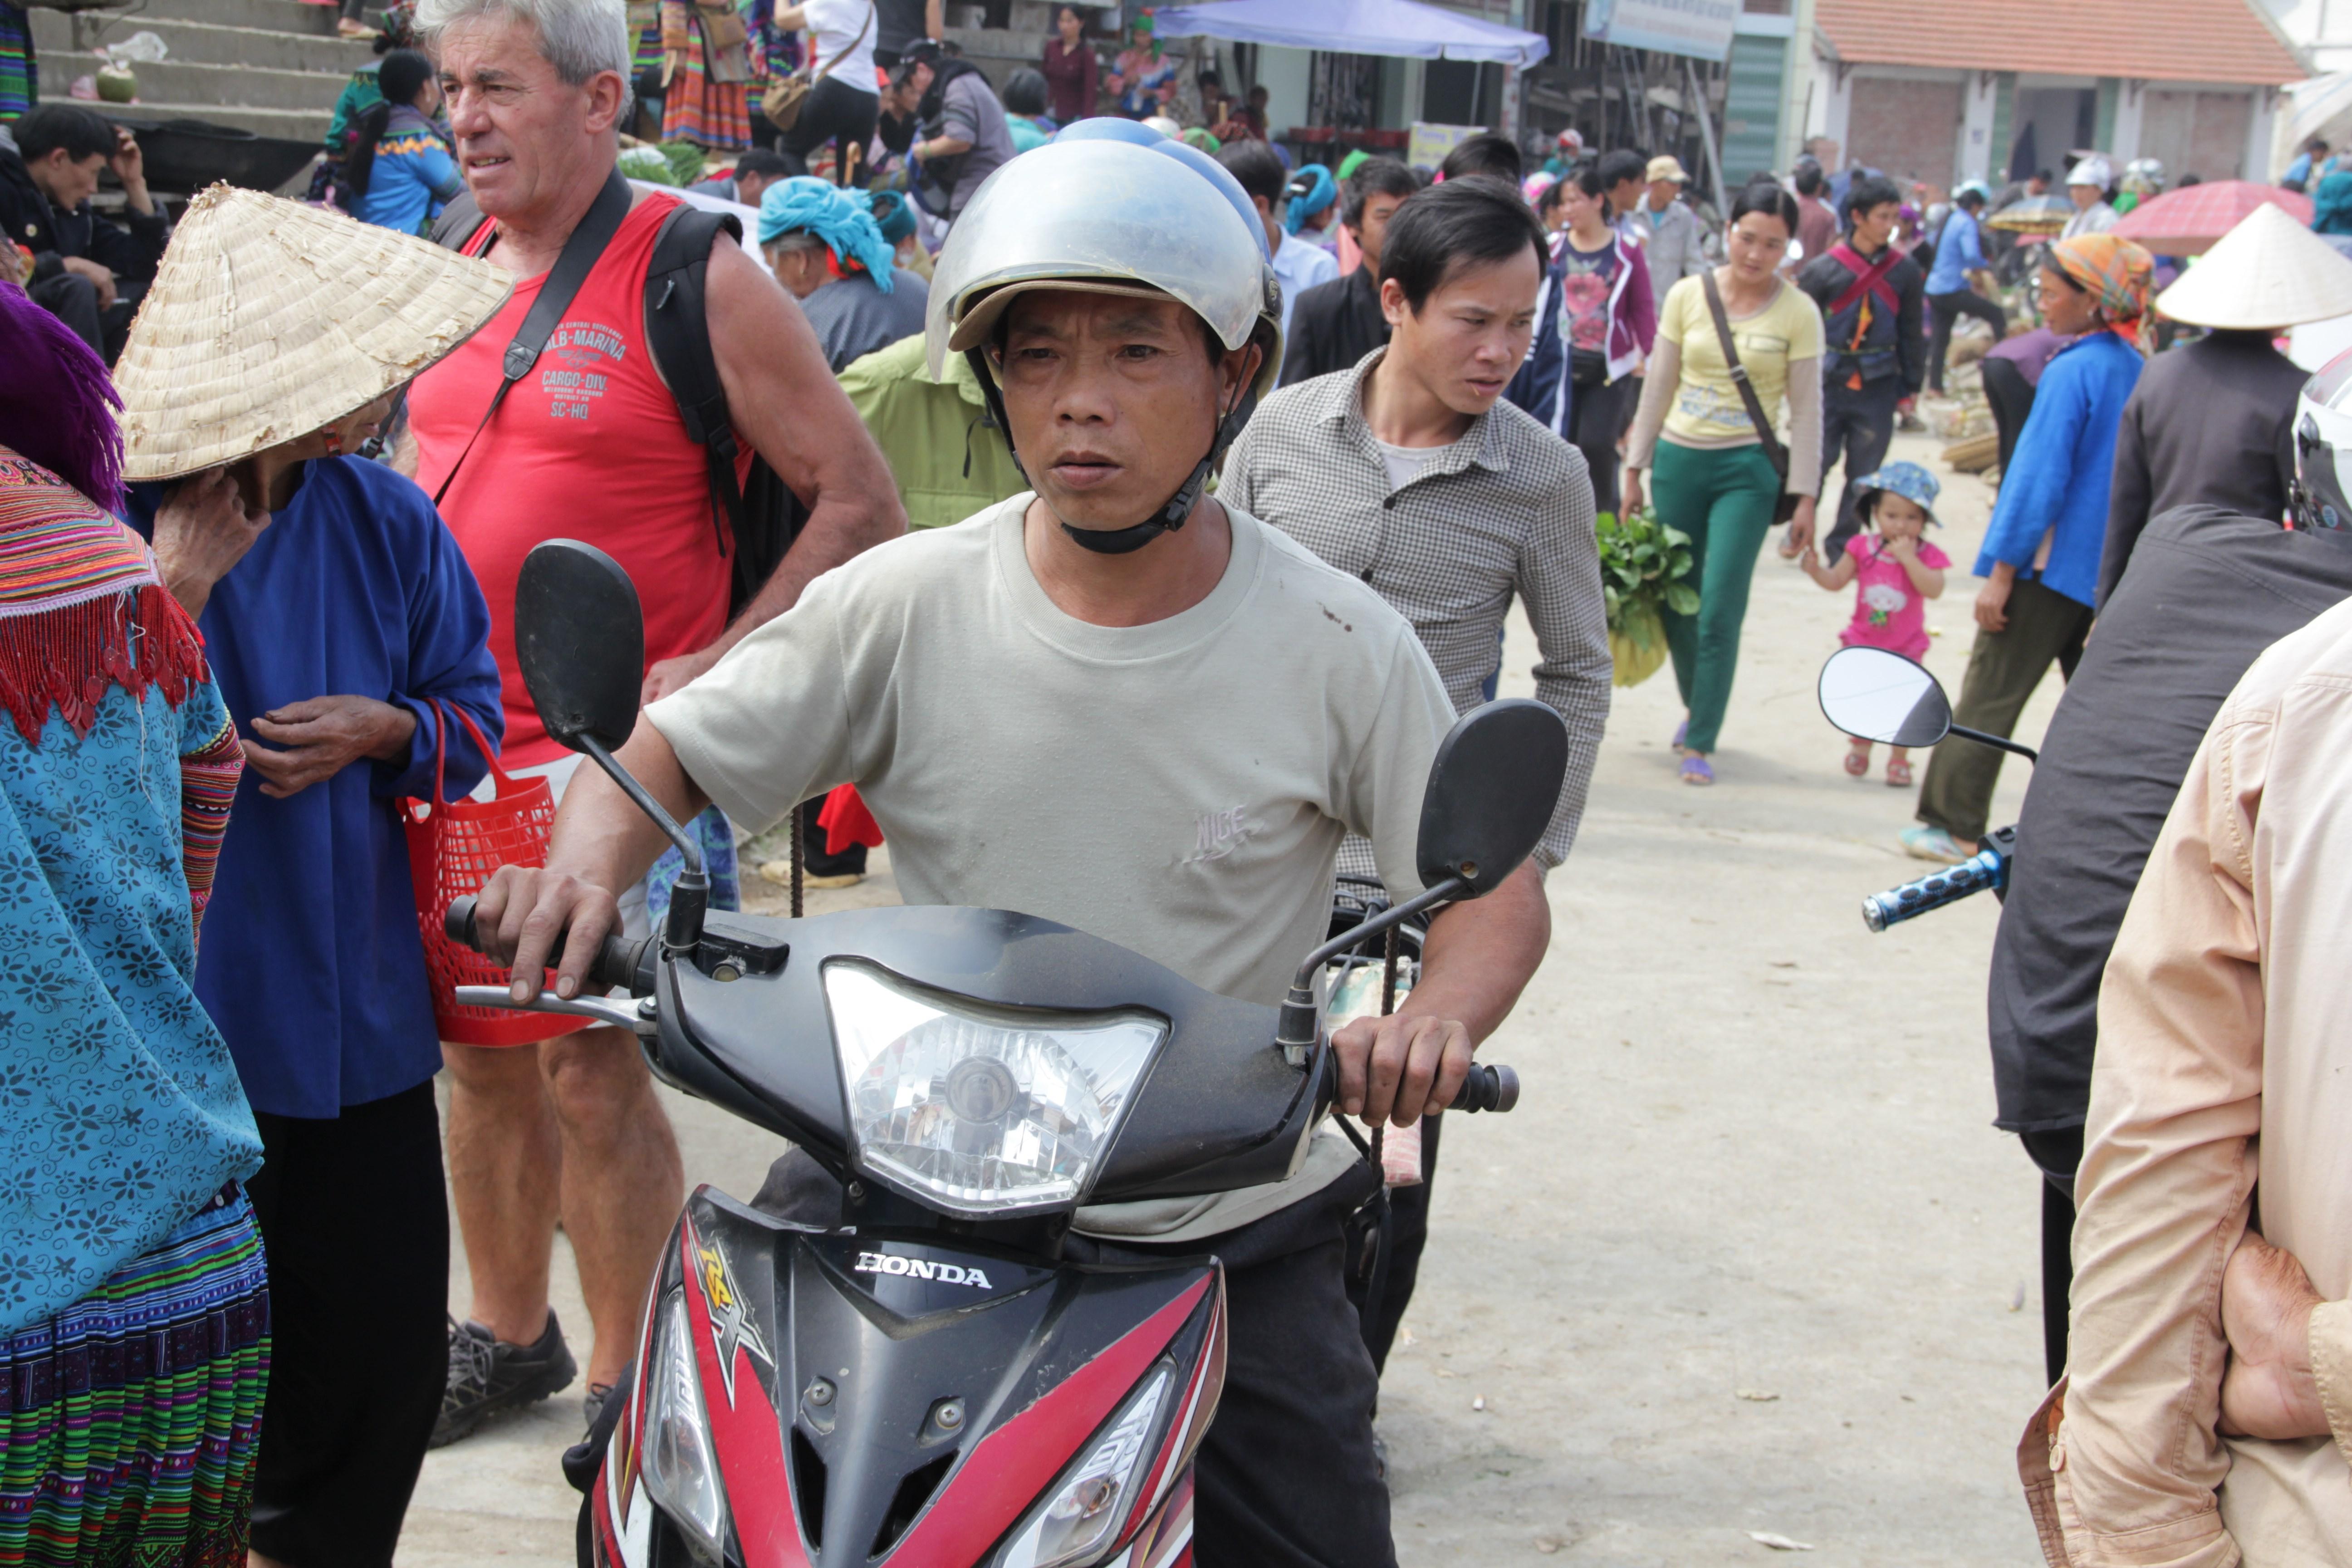 A grands renforts de klaxons, les motards arrivent toujours à se faire une place (© Jérôme Decoster).